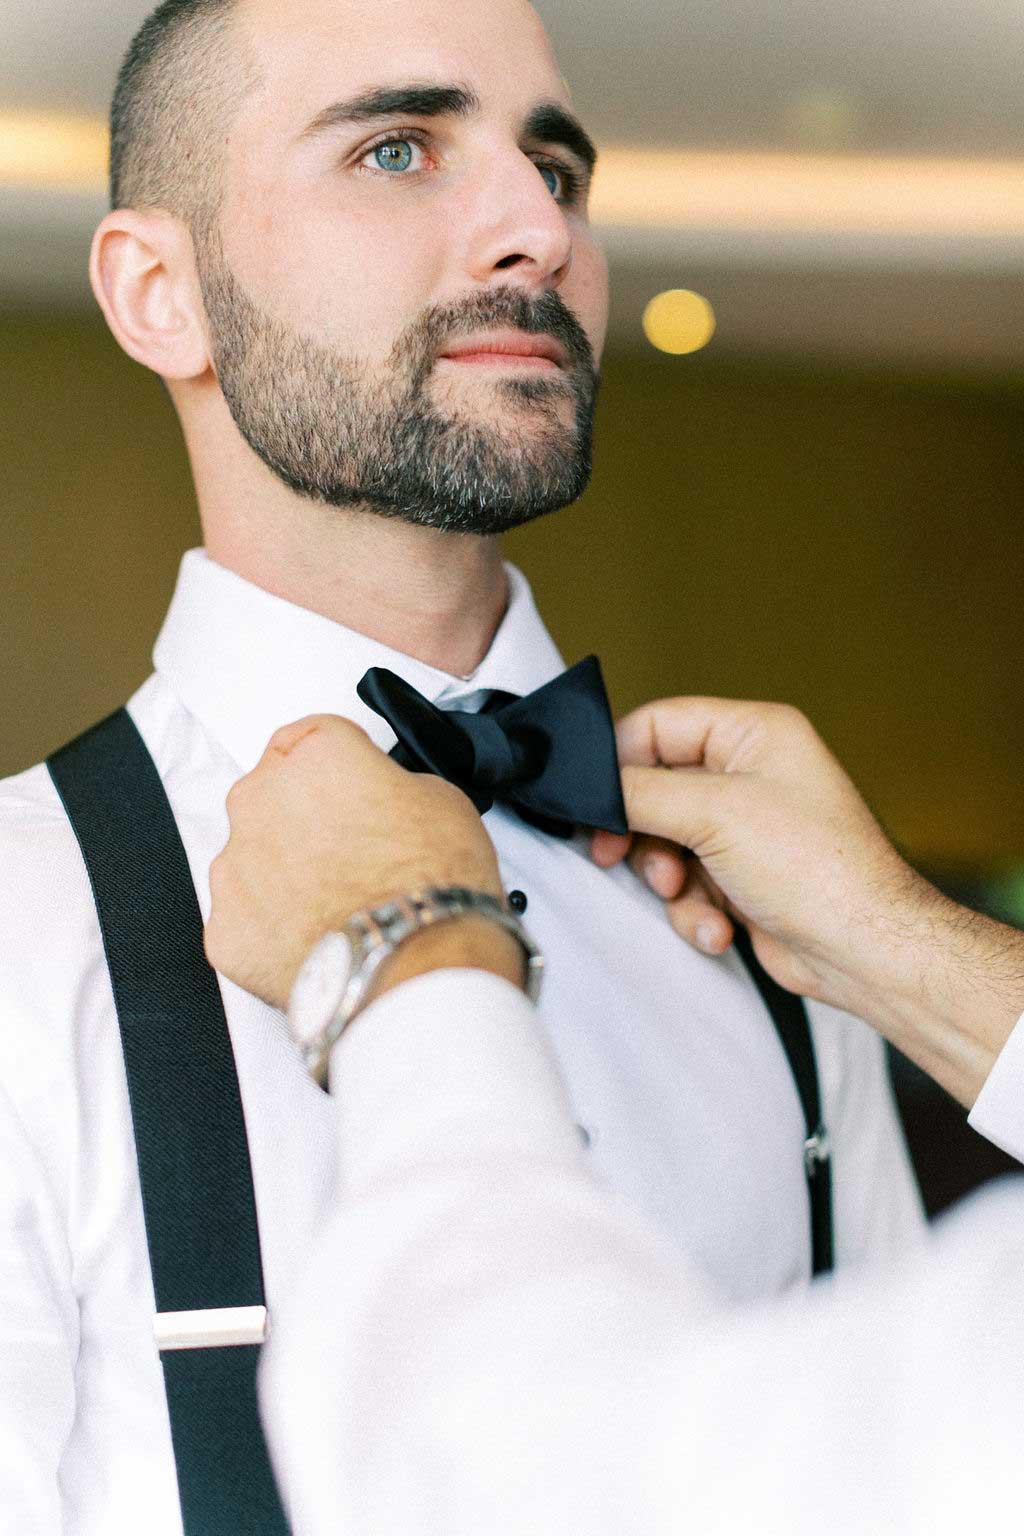 Groomsman fixes groom's bowtie